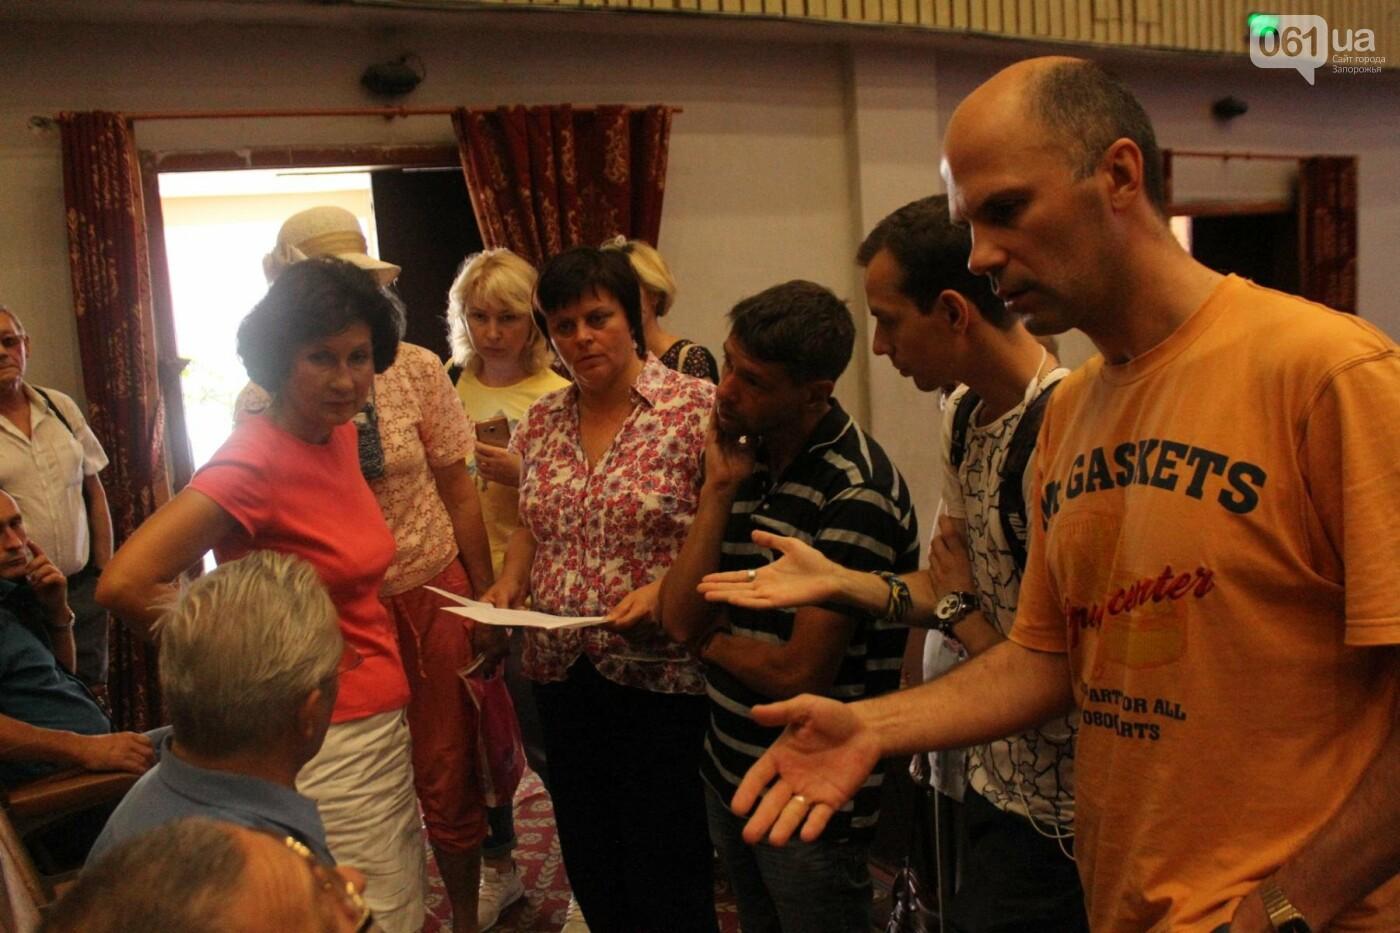 В Запорожье провалили общественные слушания по озеленению города: не пришли даже инициаторы, – ФОТОРЕПОРТАЖ, фото-3